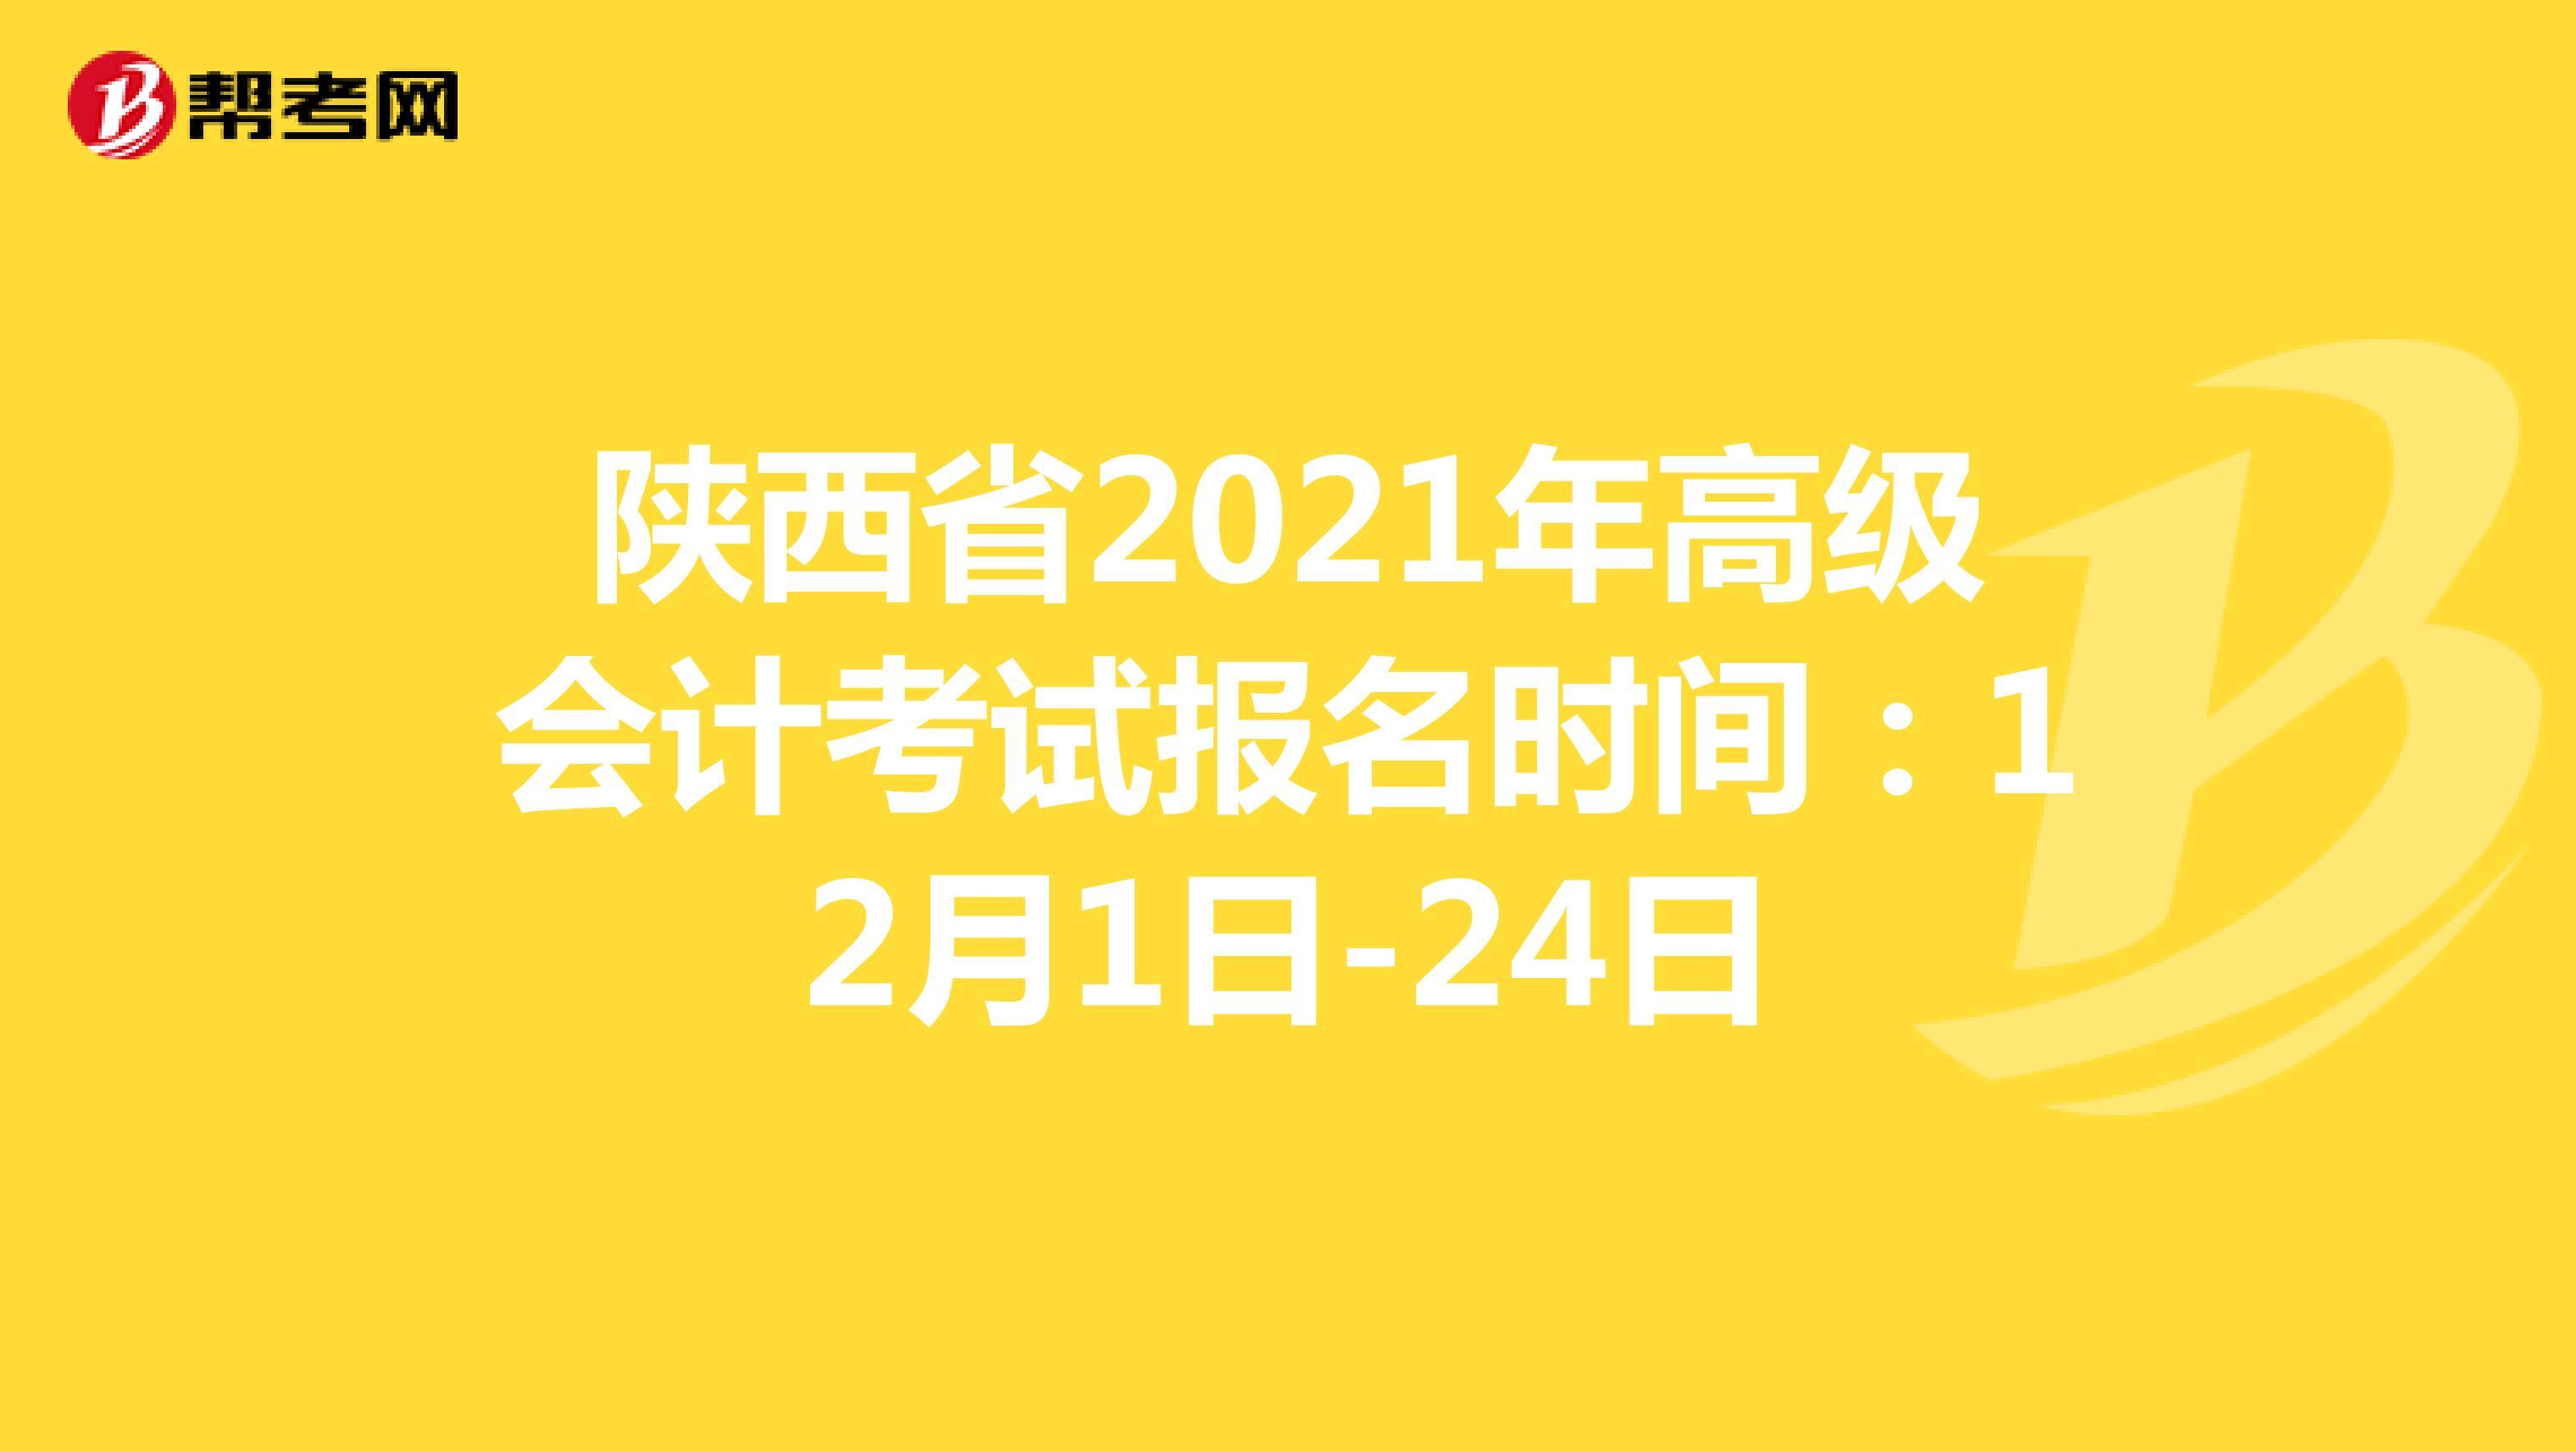 陕西省2021年高级会计考试报名时间:12月1日-24日